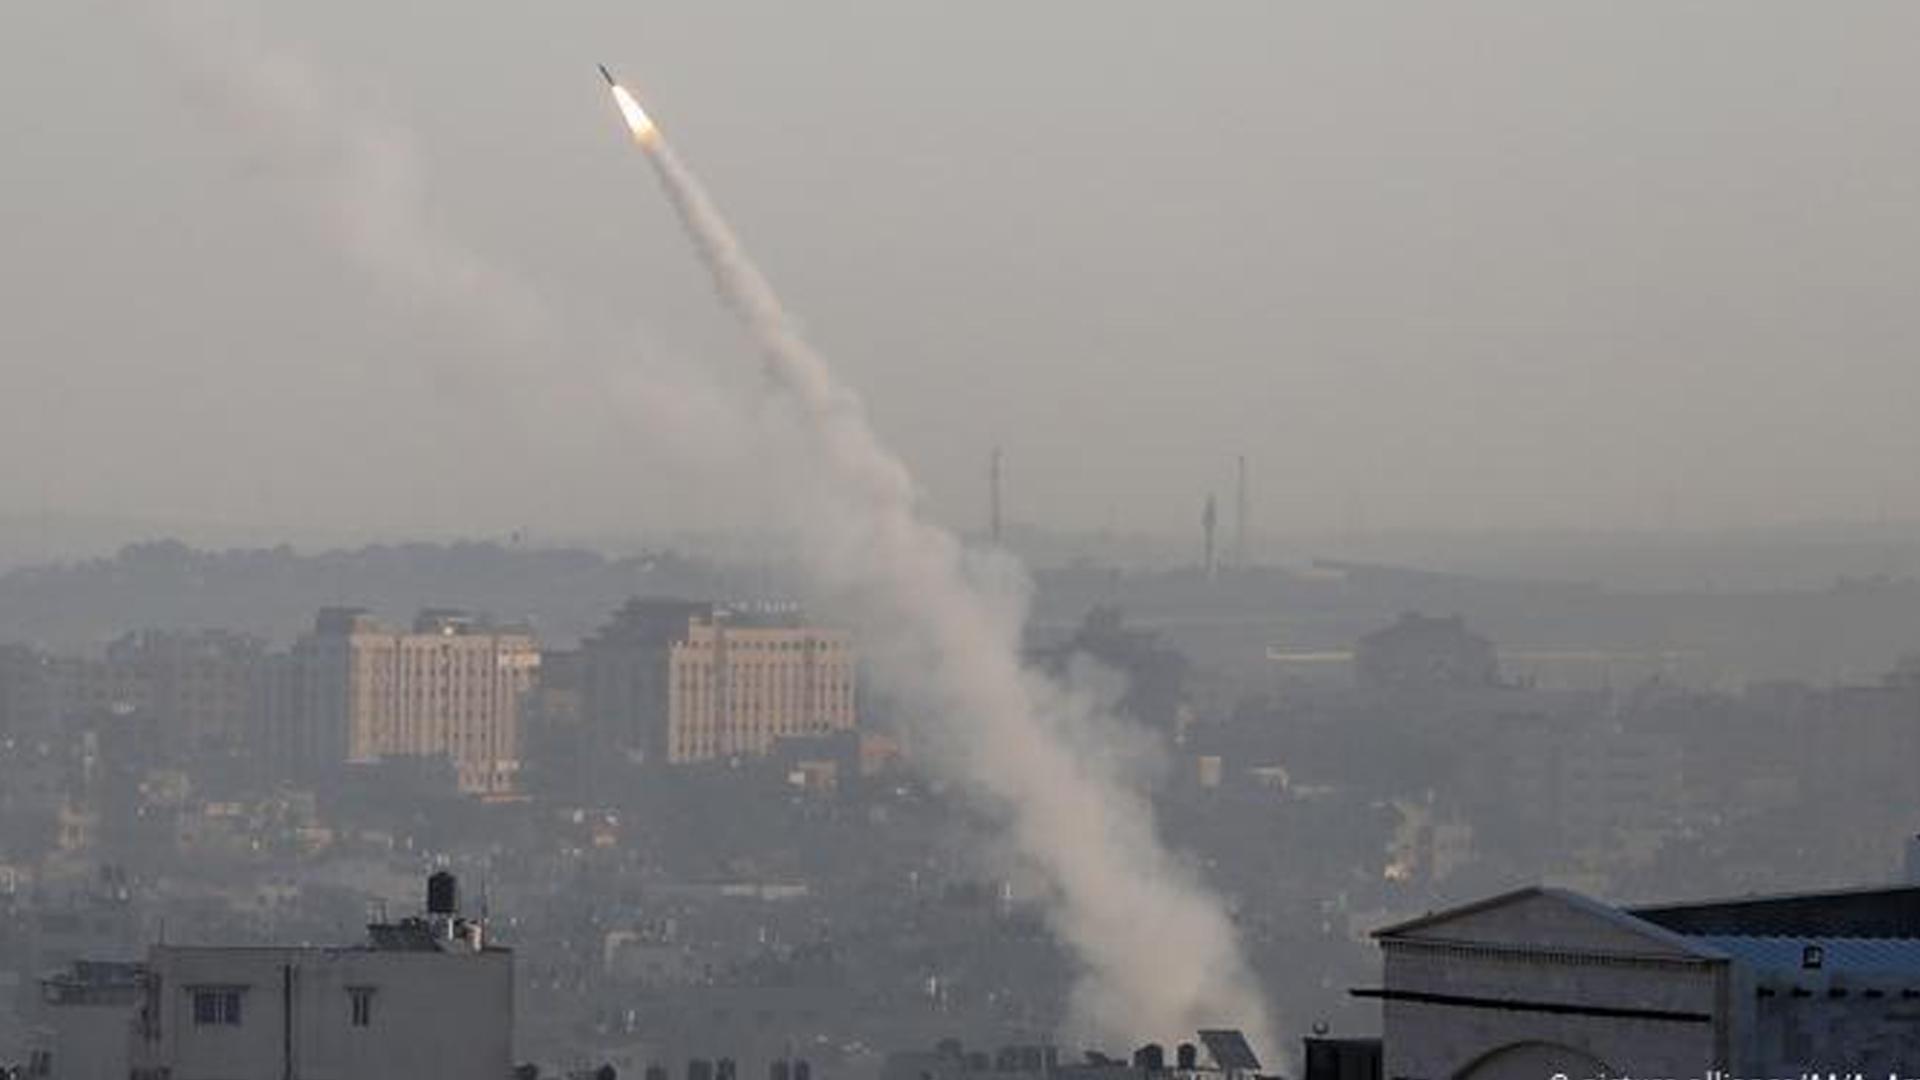 Siyonist İsrail'in hava saldırılarına İslami Cihad roketlerle karşılık veriyor